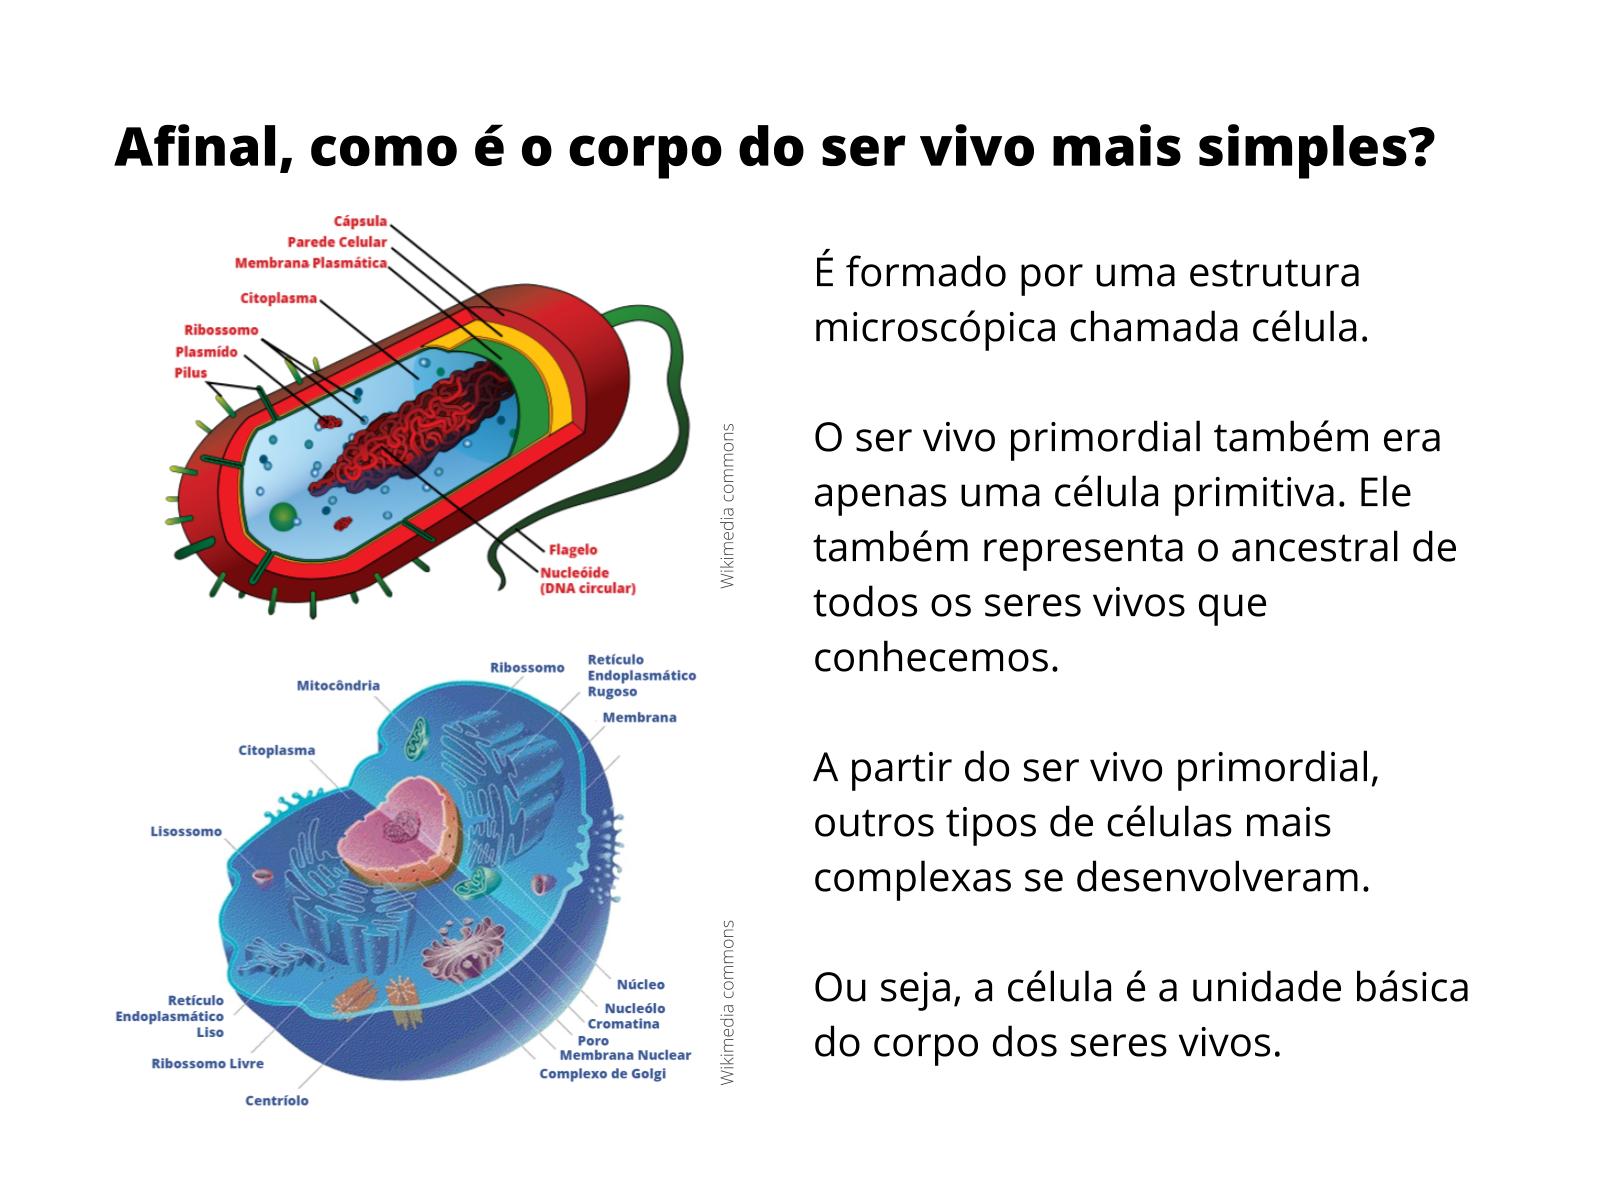 Célula: a unidade básica do corpo dos seres vivos